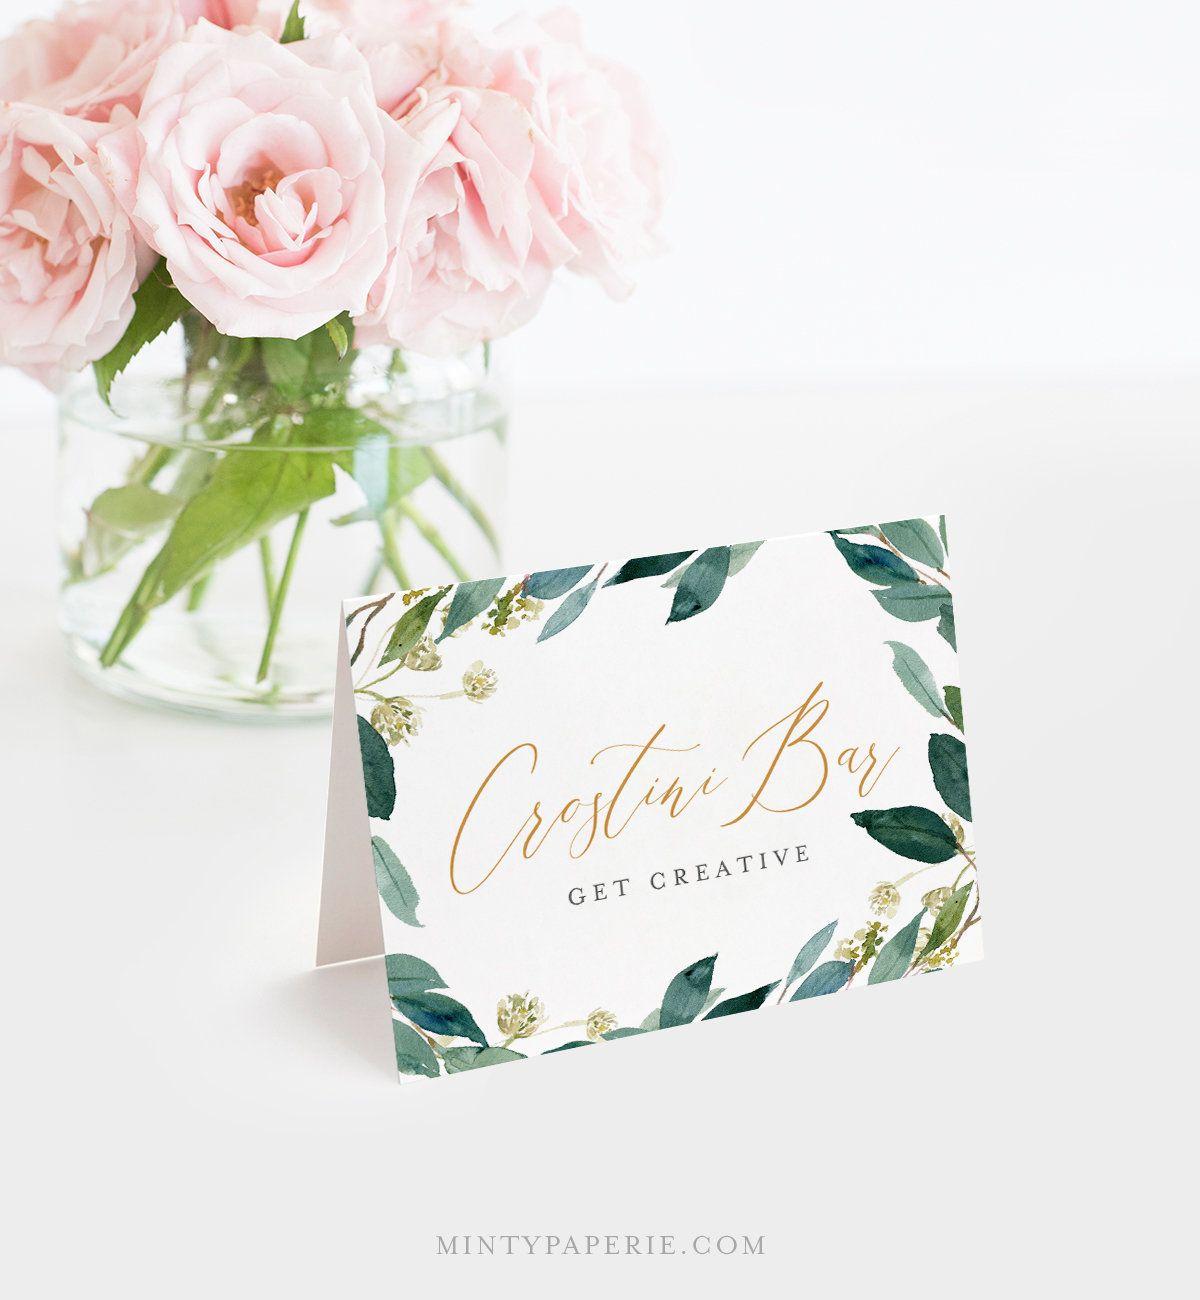 Buffet Card Template Food Label Wedding Buffet Printable Etsy Wedding Buffet Card Template Cards